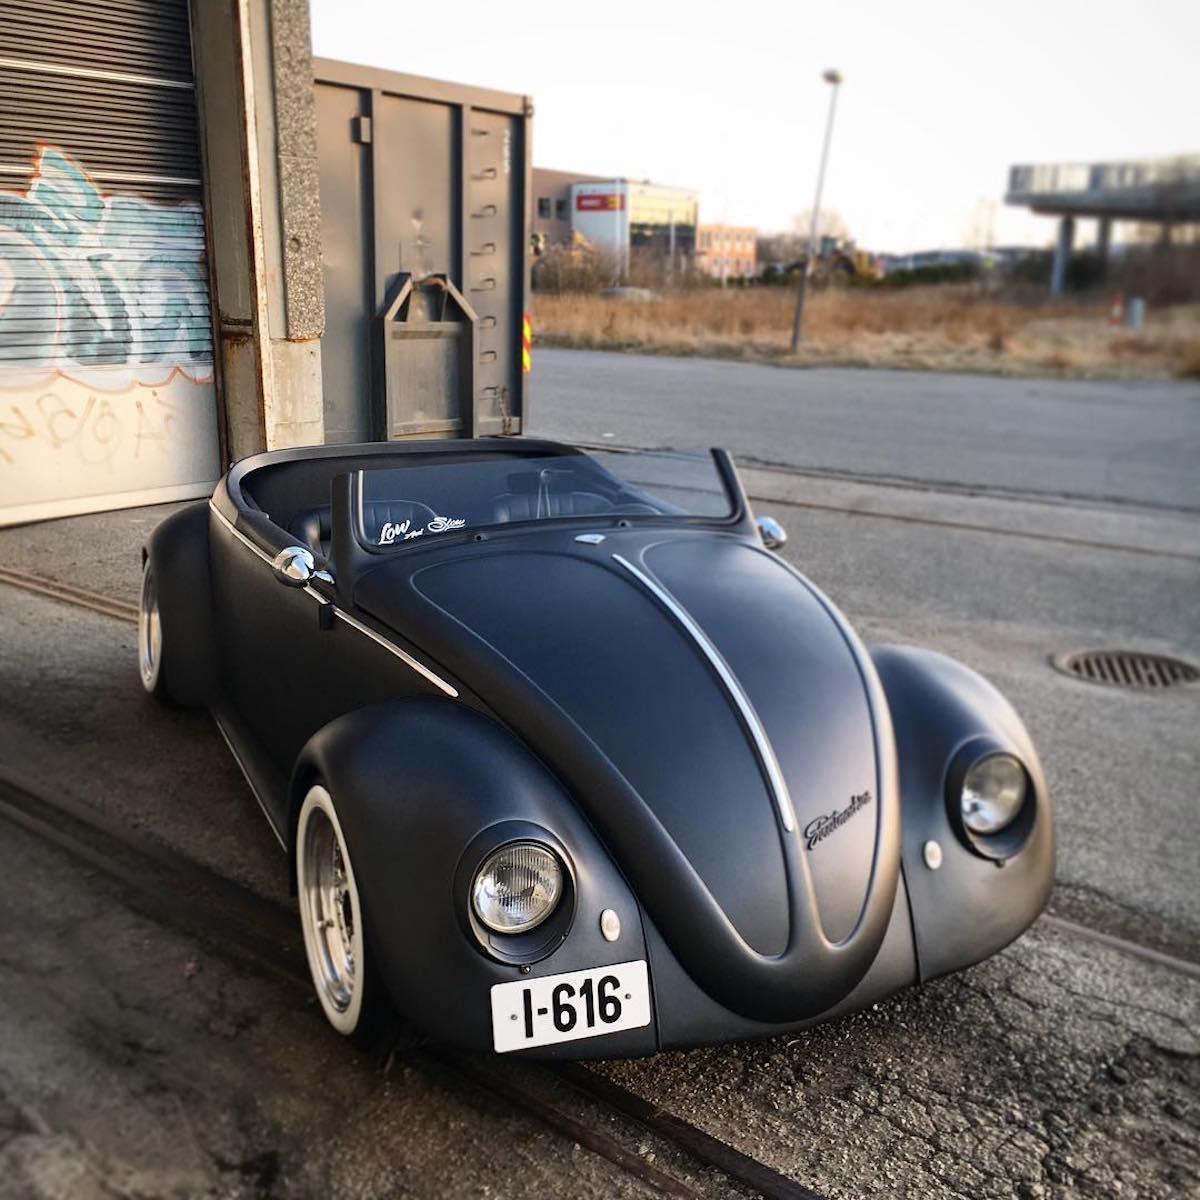 1961 Black Volkswagen Beetle